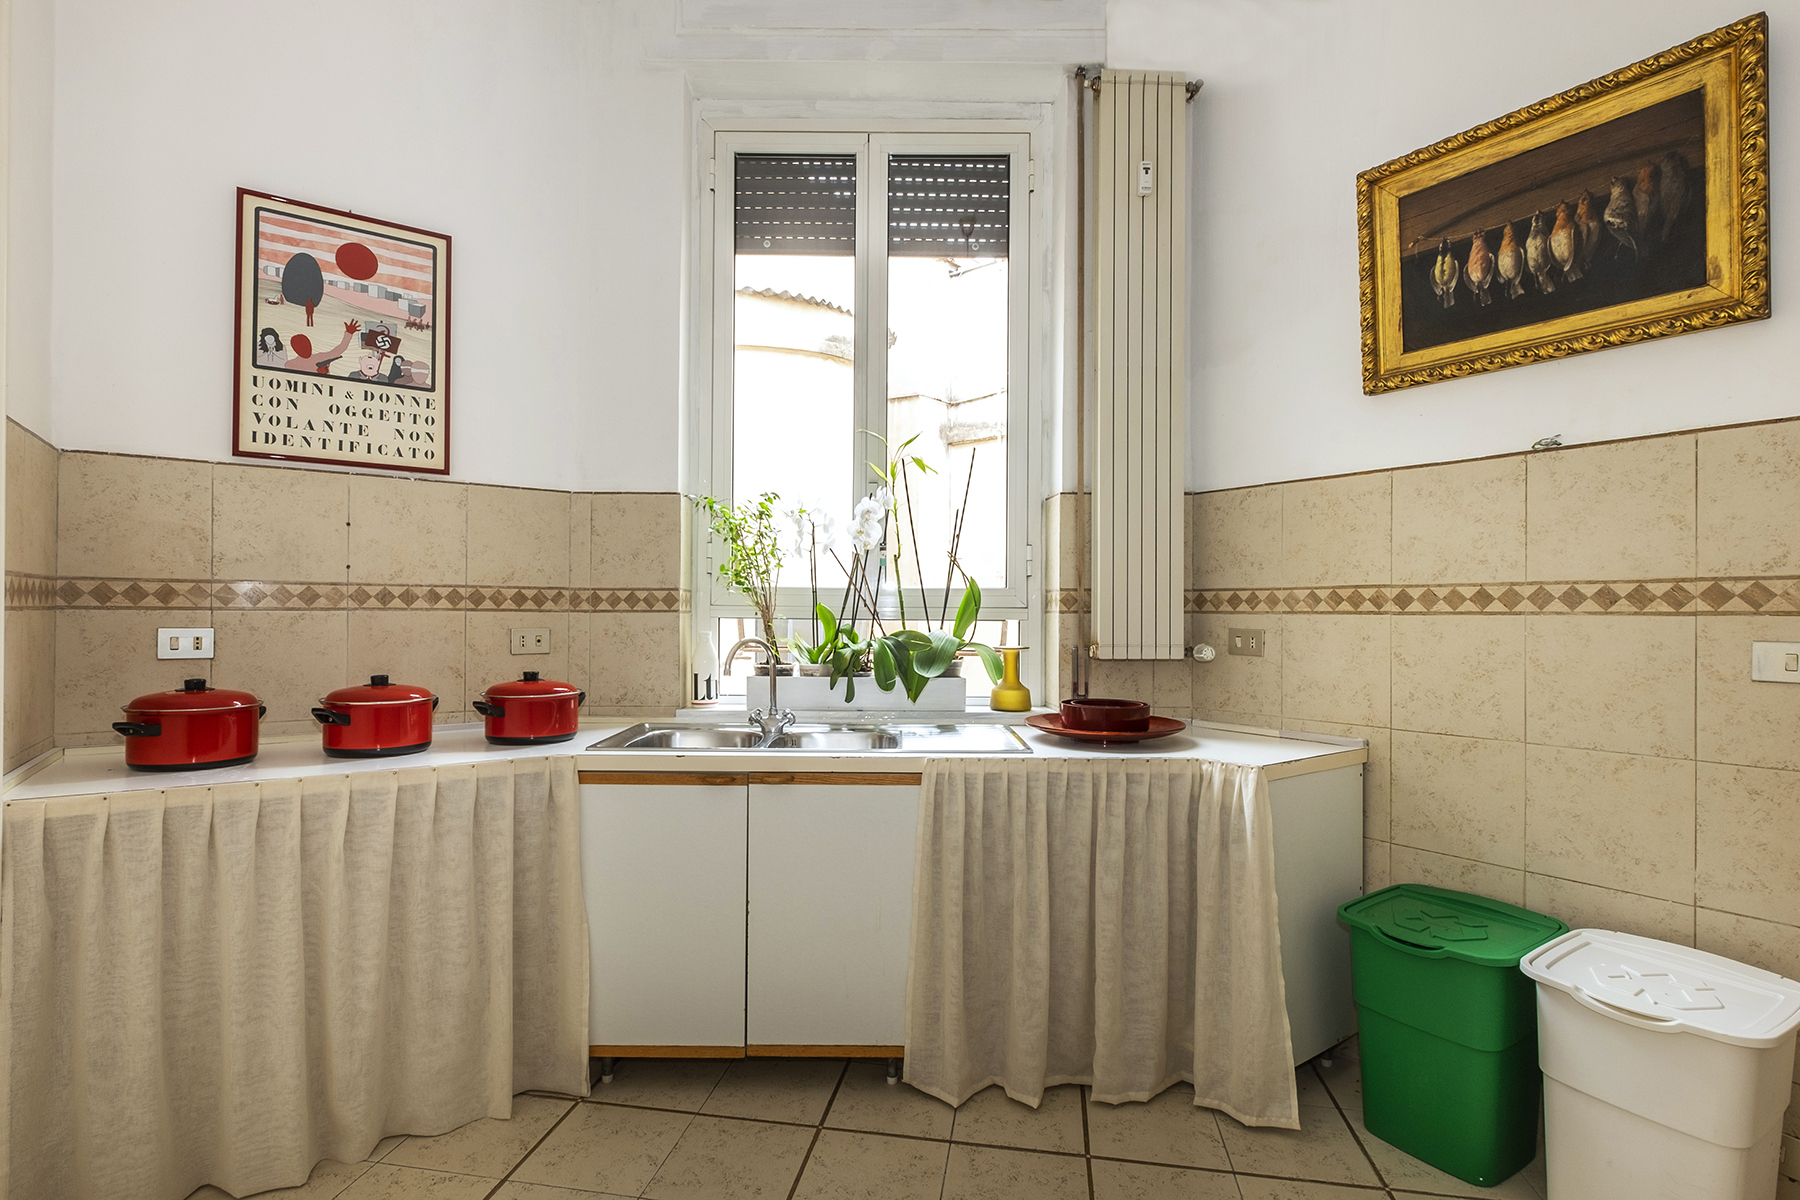 Attico in Vendita a Roma: 5 locali, 204 mq - Foto 16